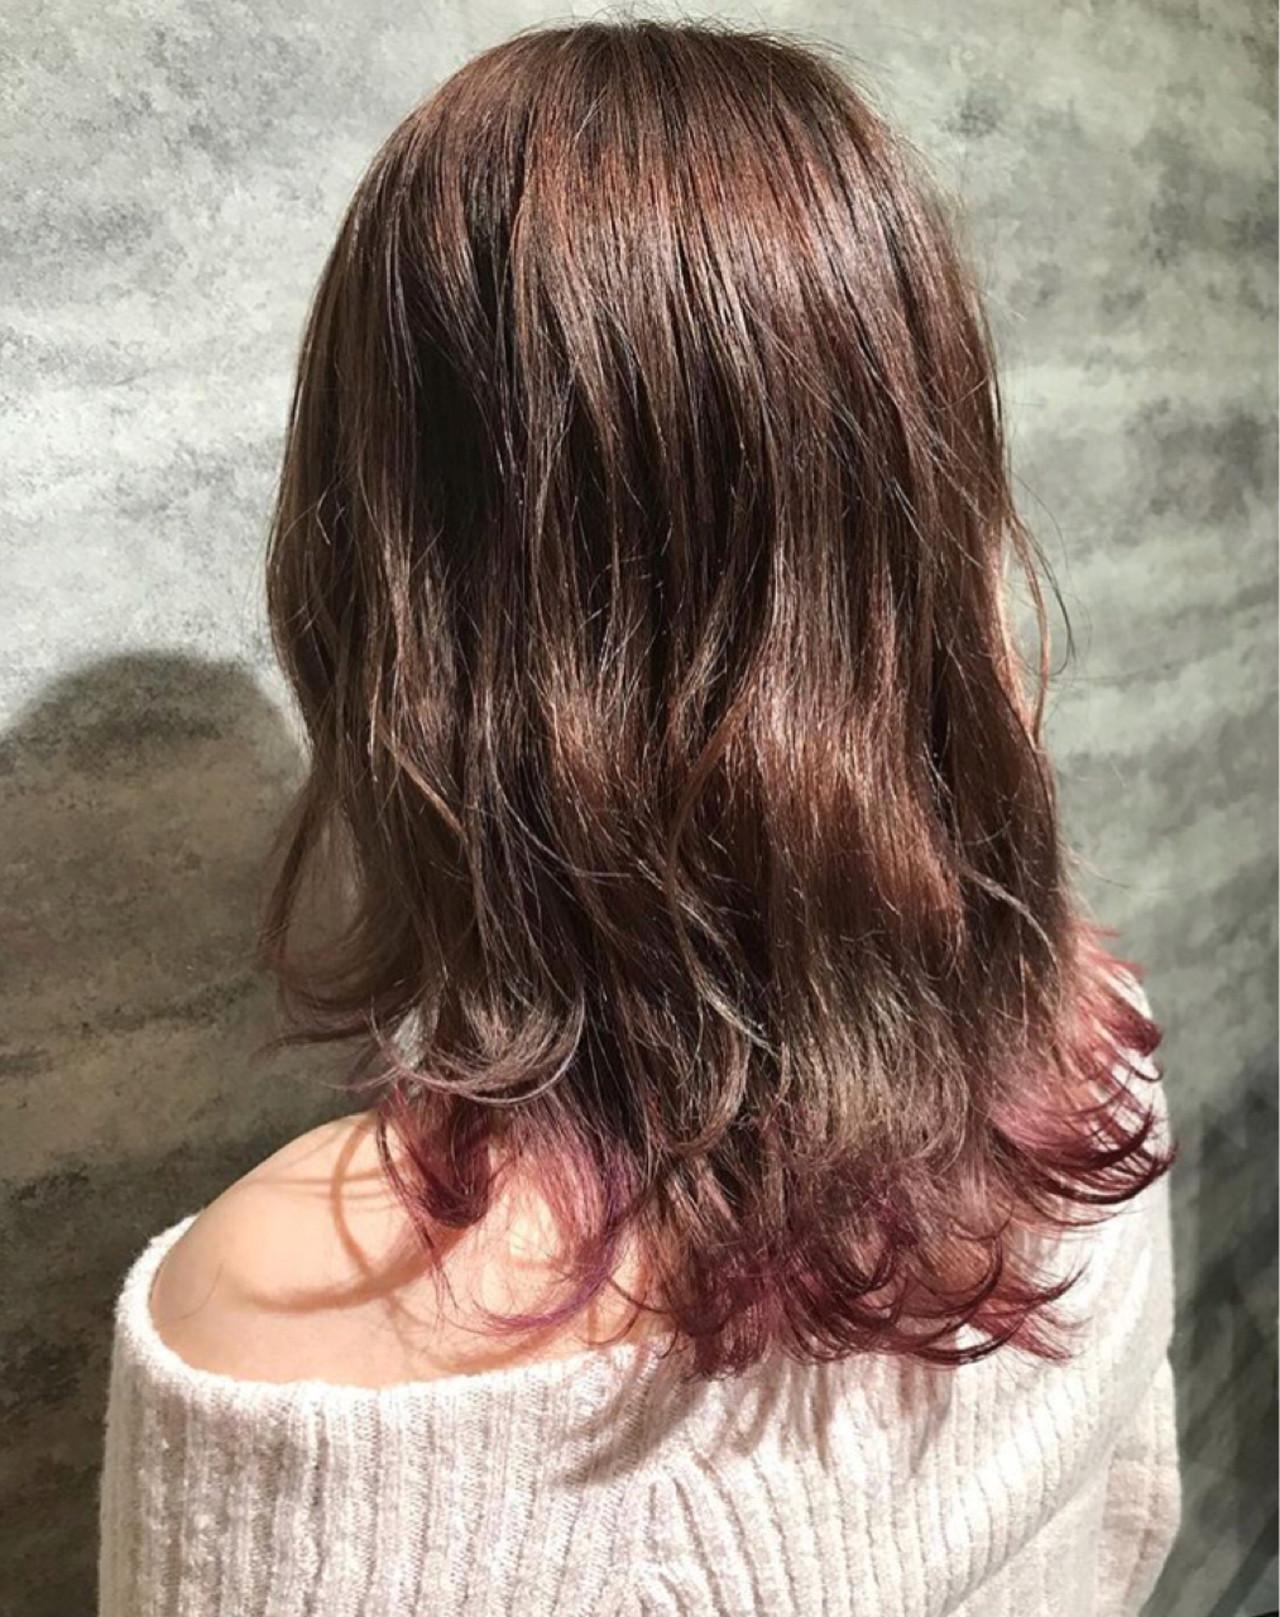 フェミニン ハイライト セミロング ヘアスタイルや髪型の写真・画像